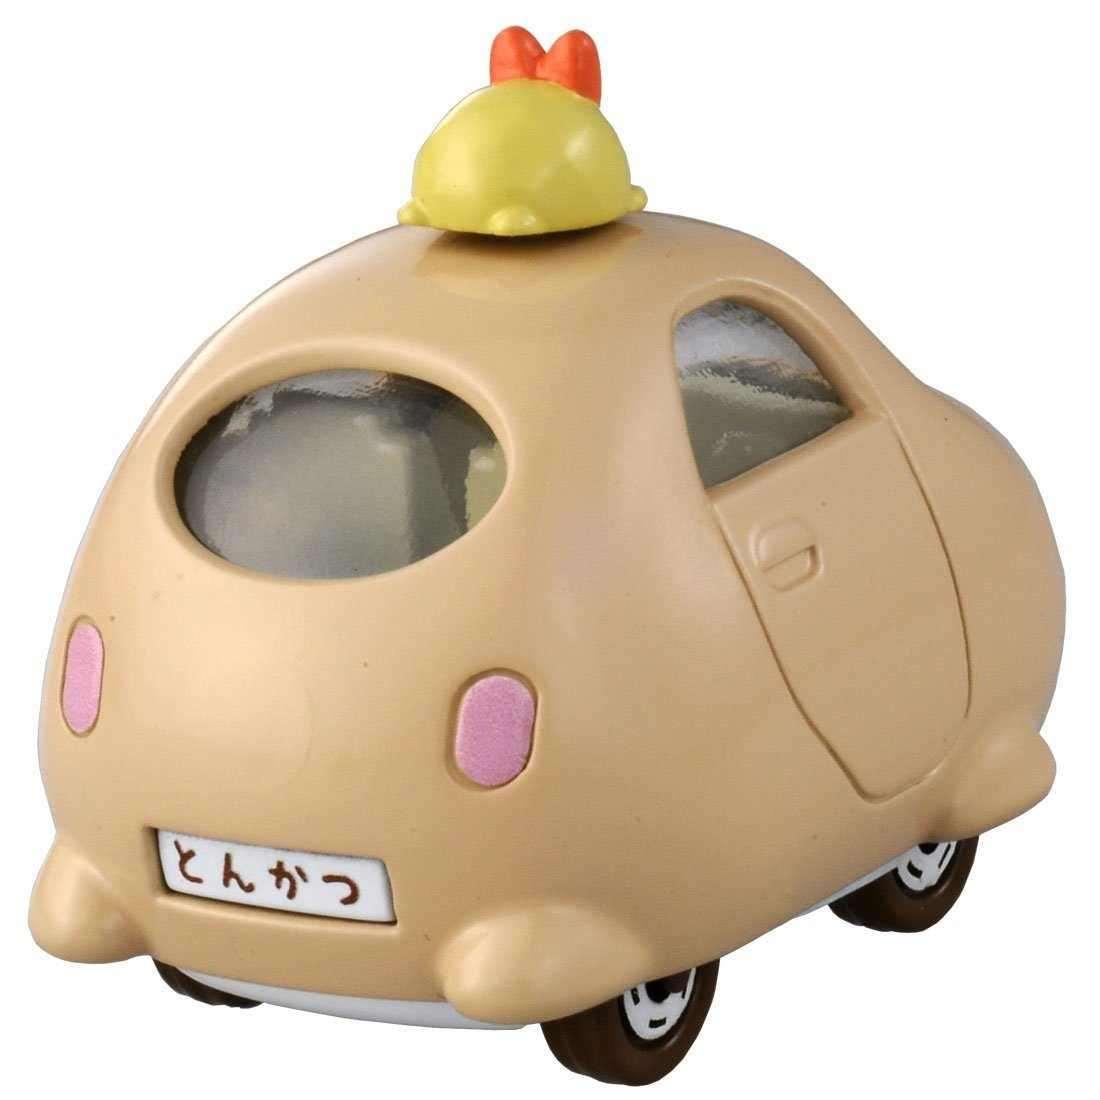 Xe mô hình Tomica Disney Tsum Top Gurashi San X - Heo đất